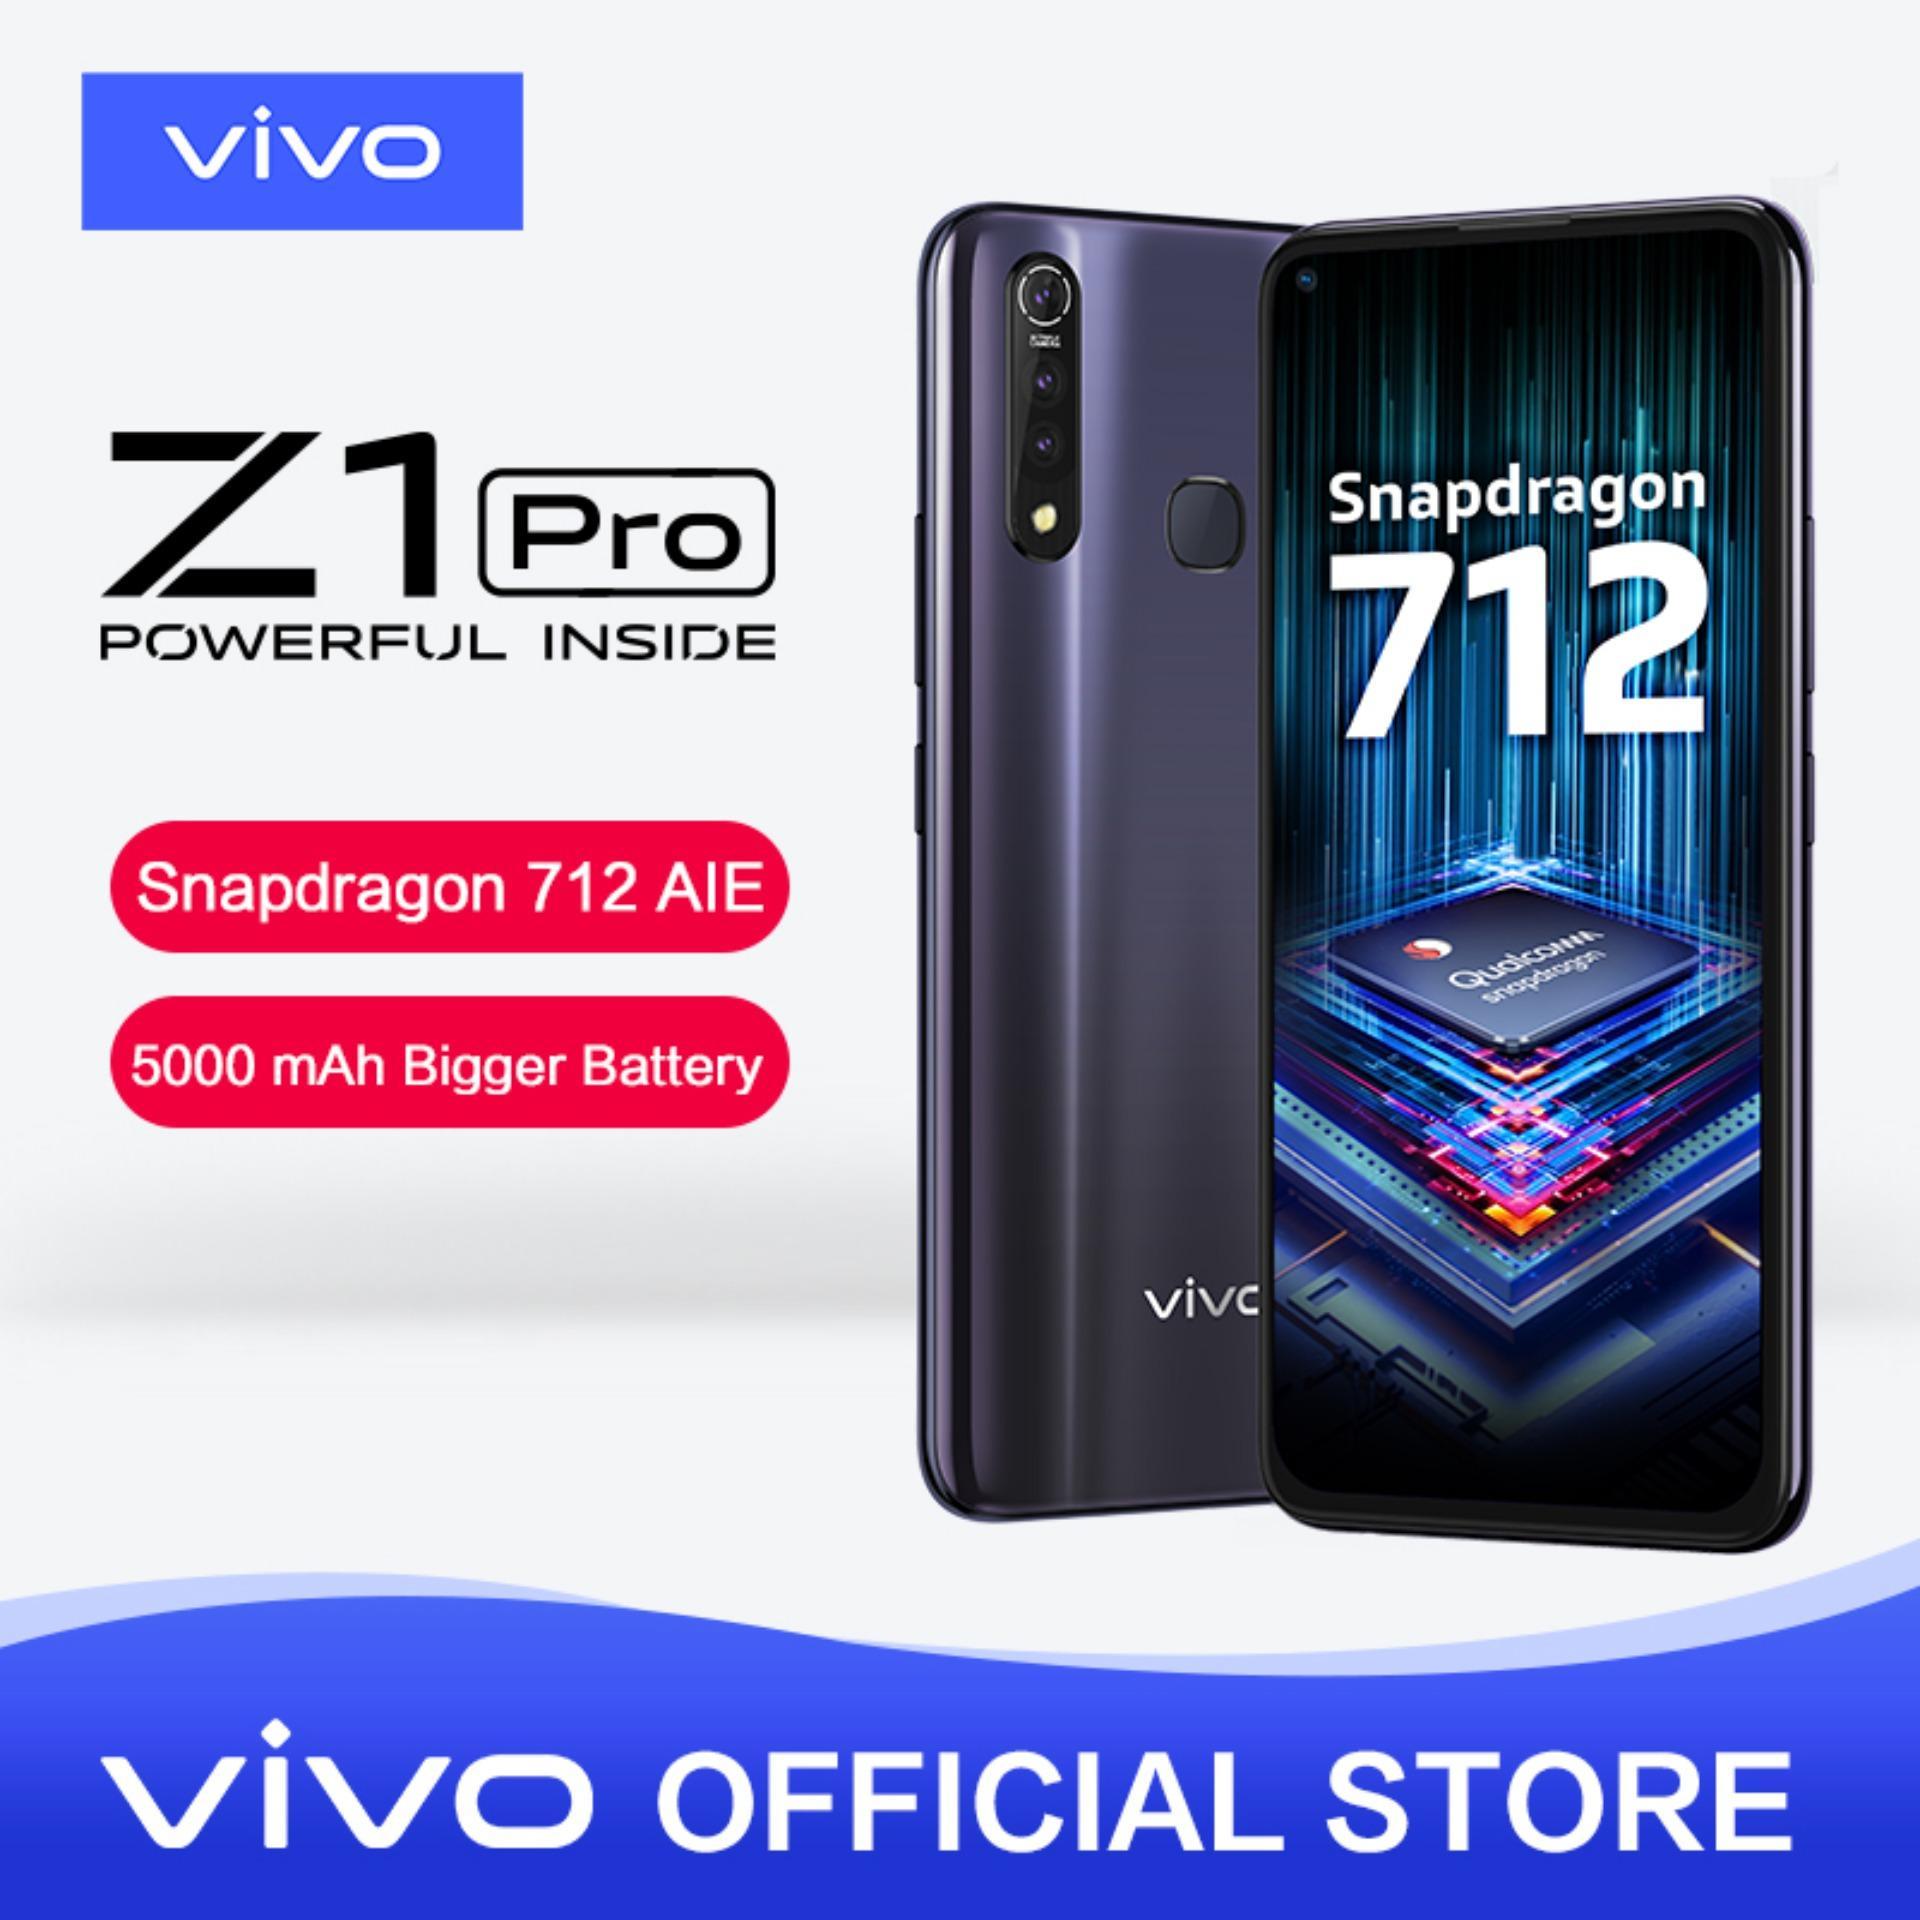 EXCLUSIVE Launch Vivo Z1 PRO